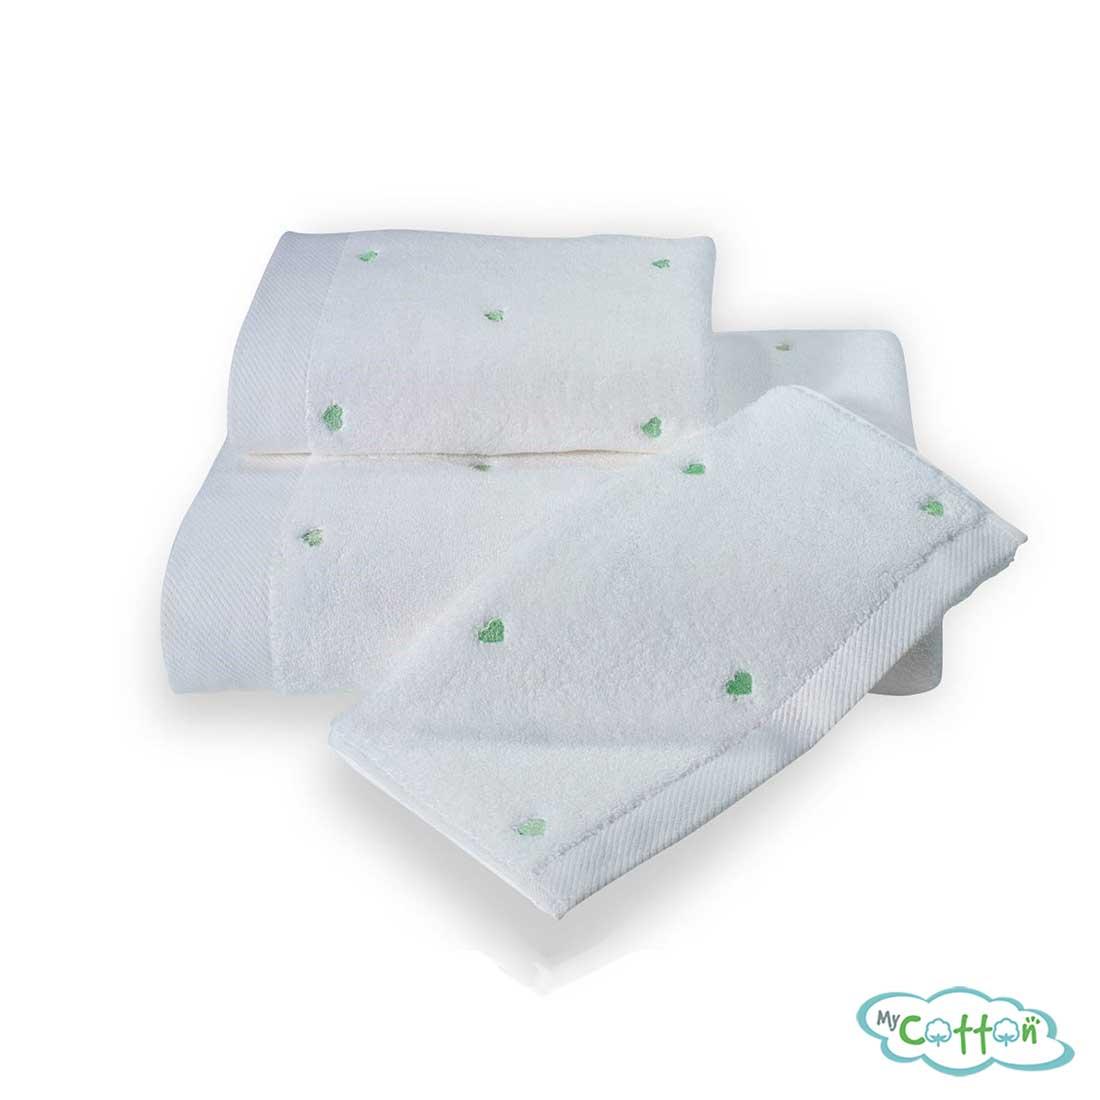 Полотенце махровое Soft Cotton белое c зелёными сердечками LOVE